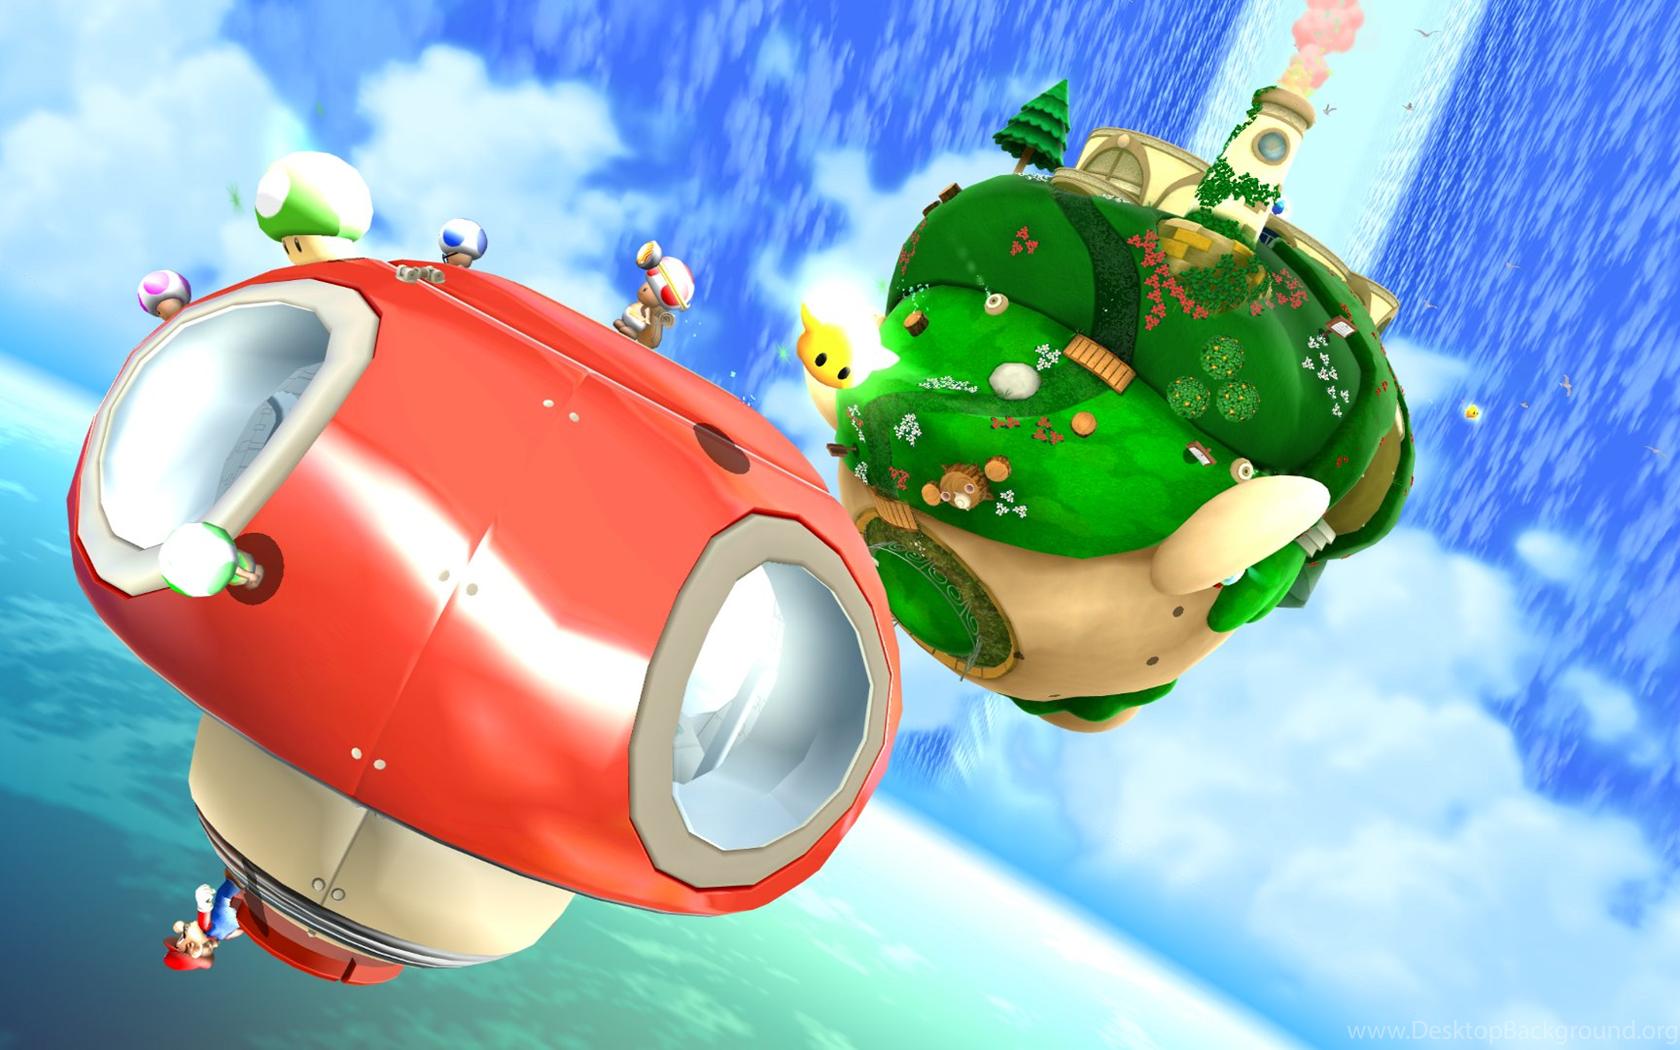 Super Mario Galaxy 2 Wallpapers Hd Desktop Background